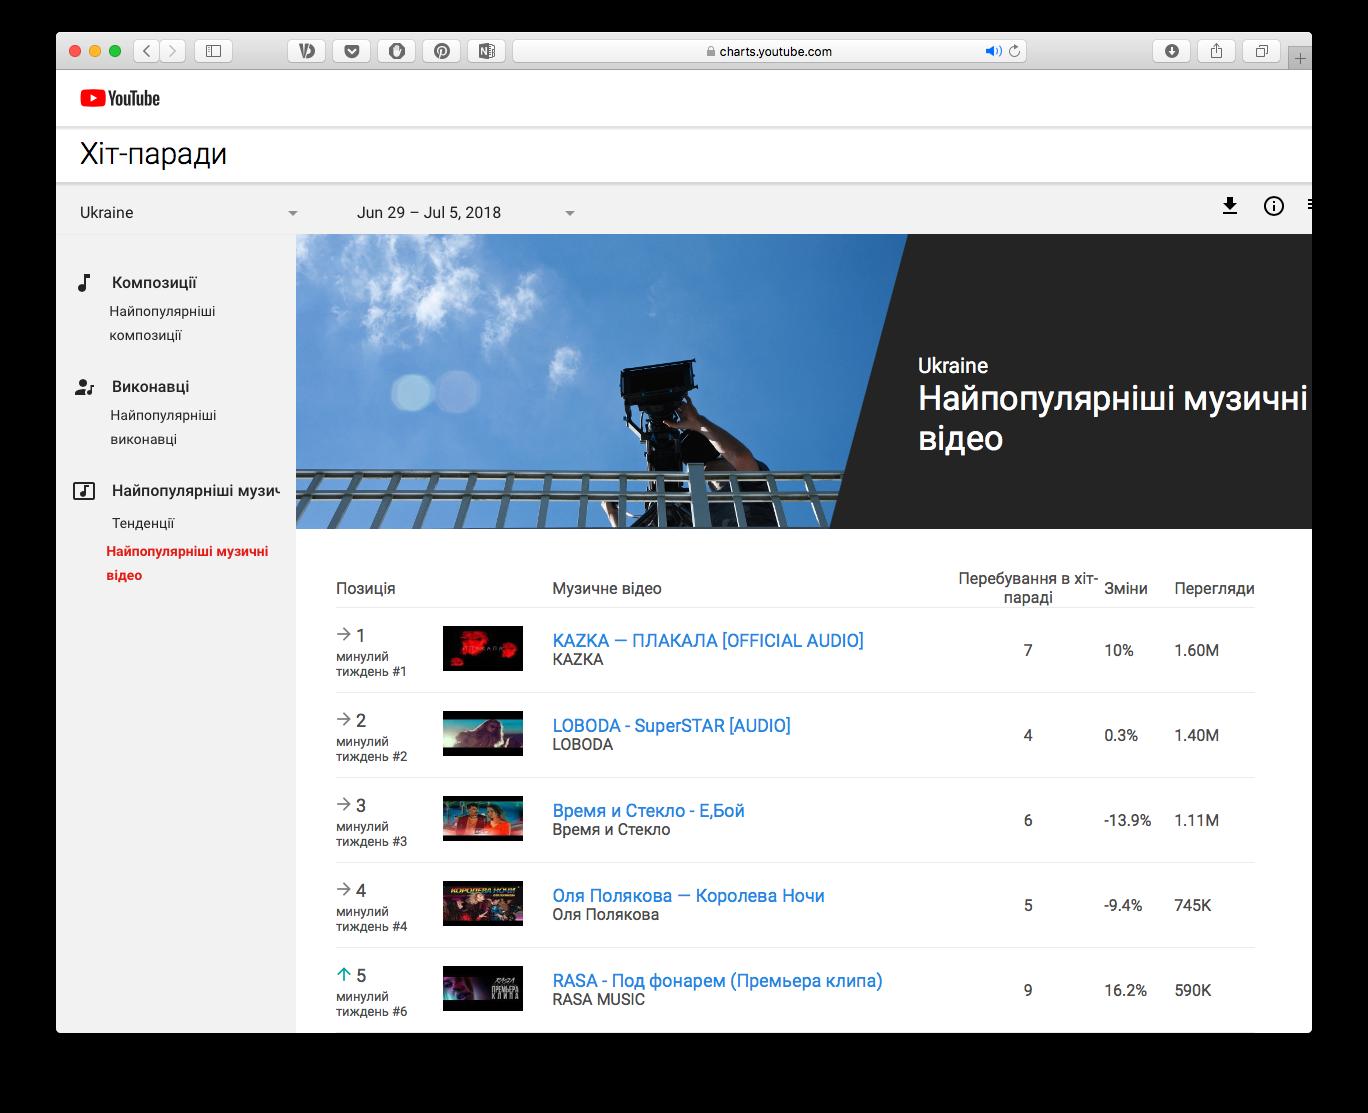 Україномовний гурт вперше очолив національний чарт відео на YouTube